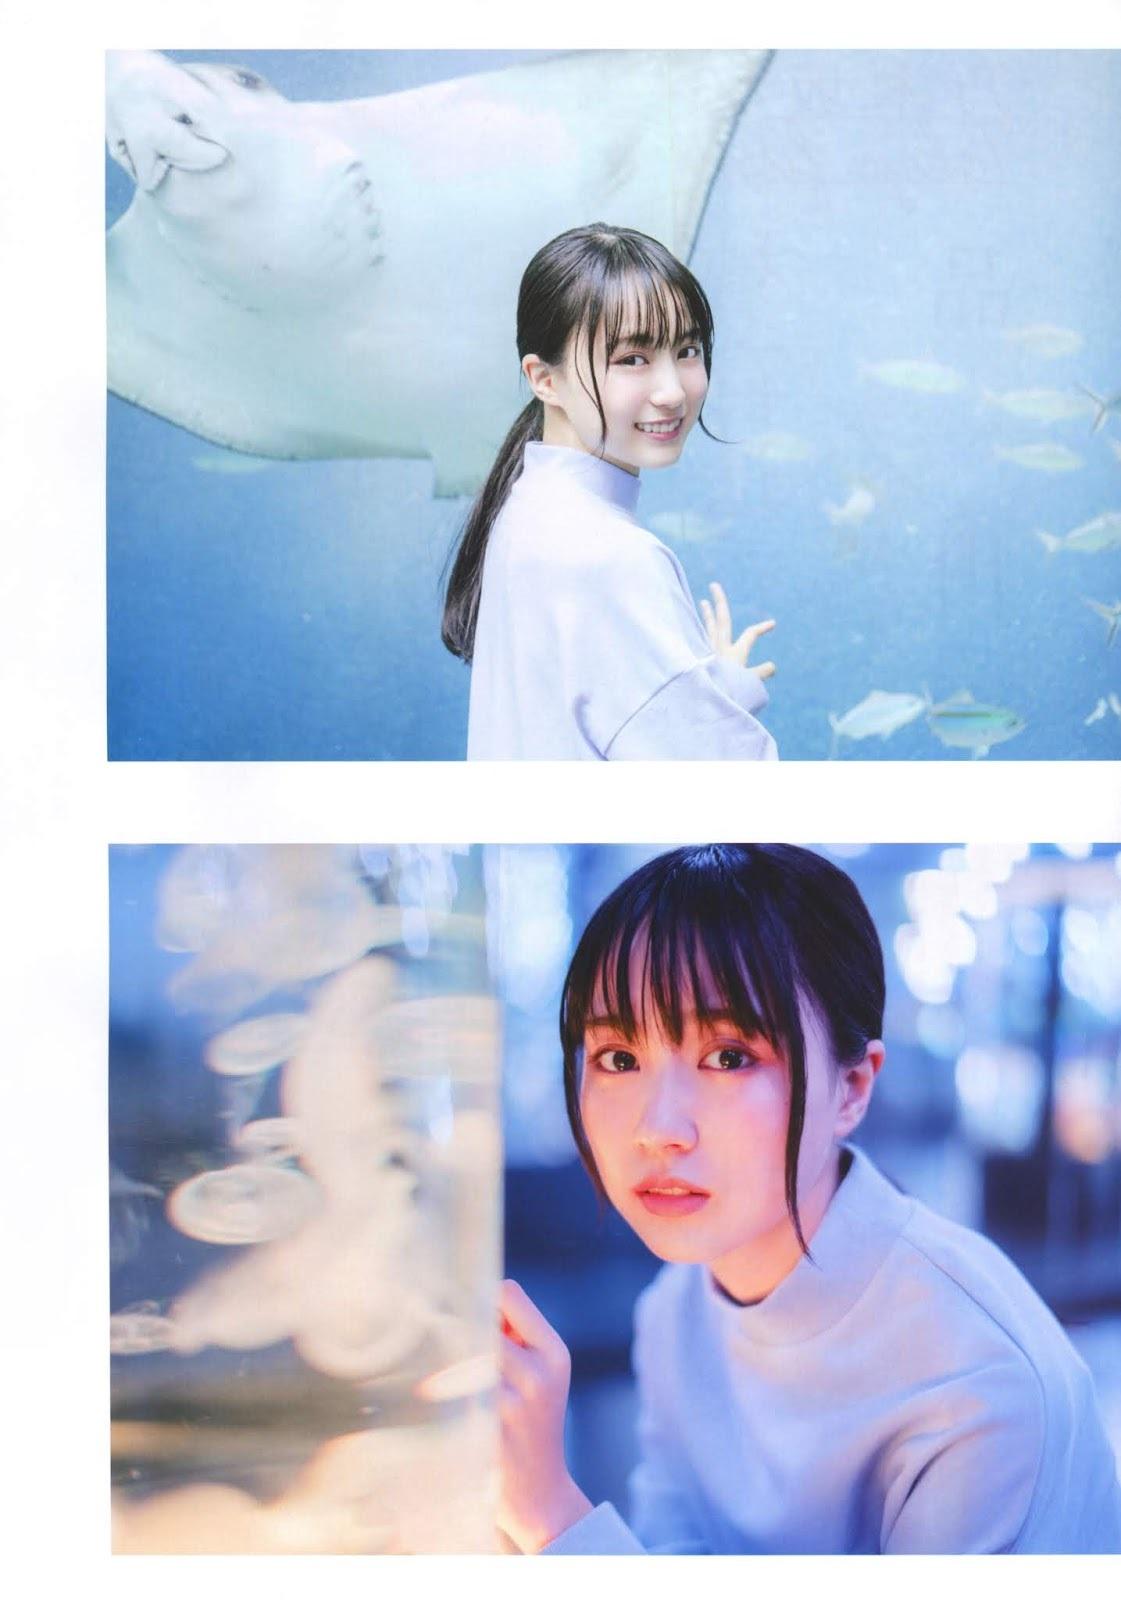 賀喜-BRODY-201912-La_mela-賀喜遙香應援會-2